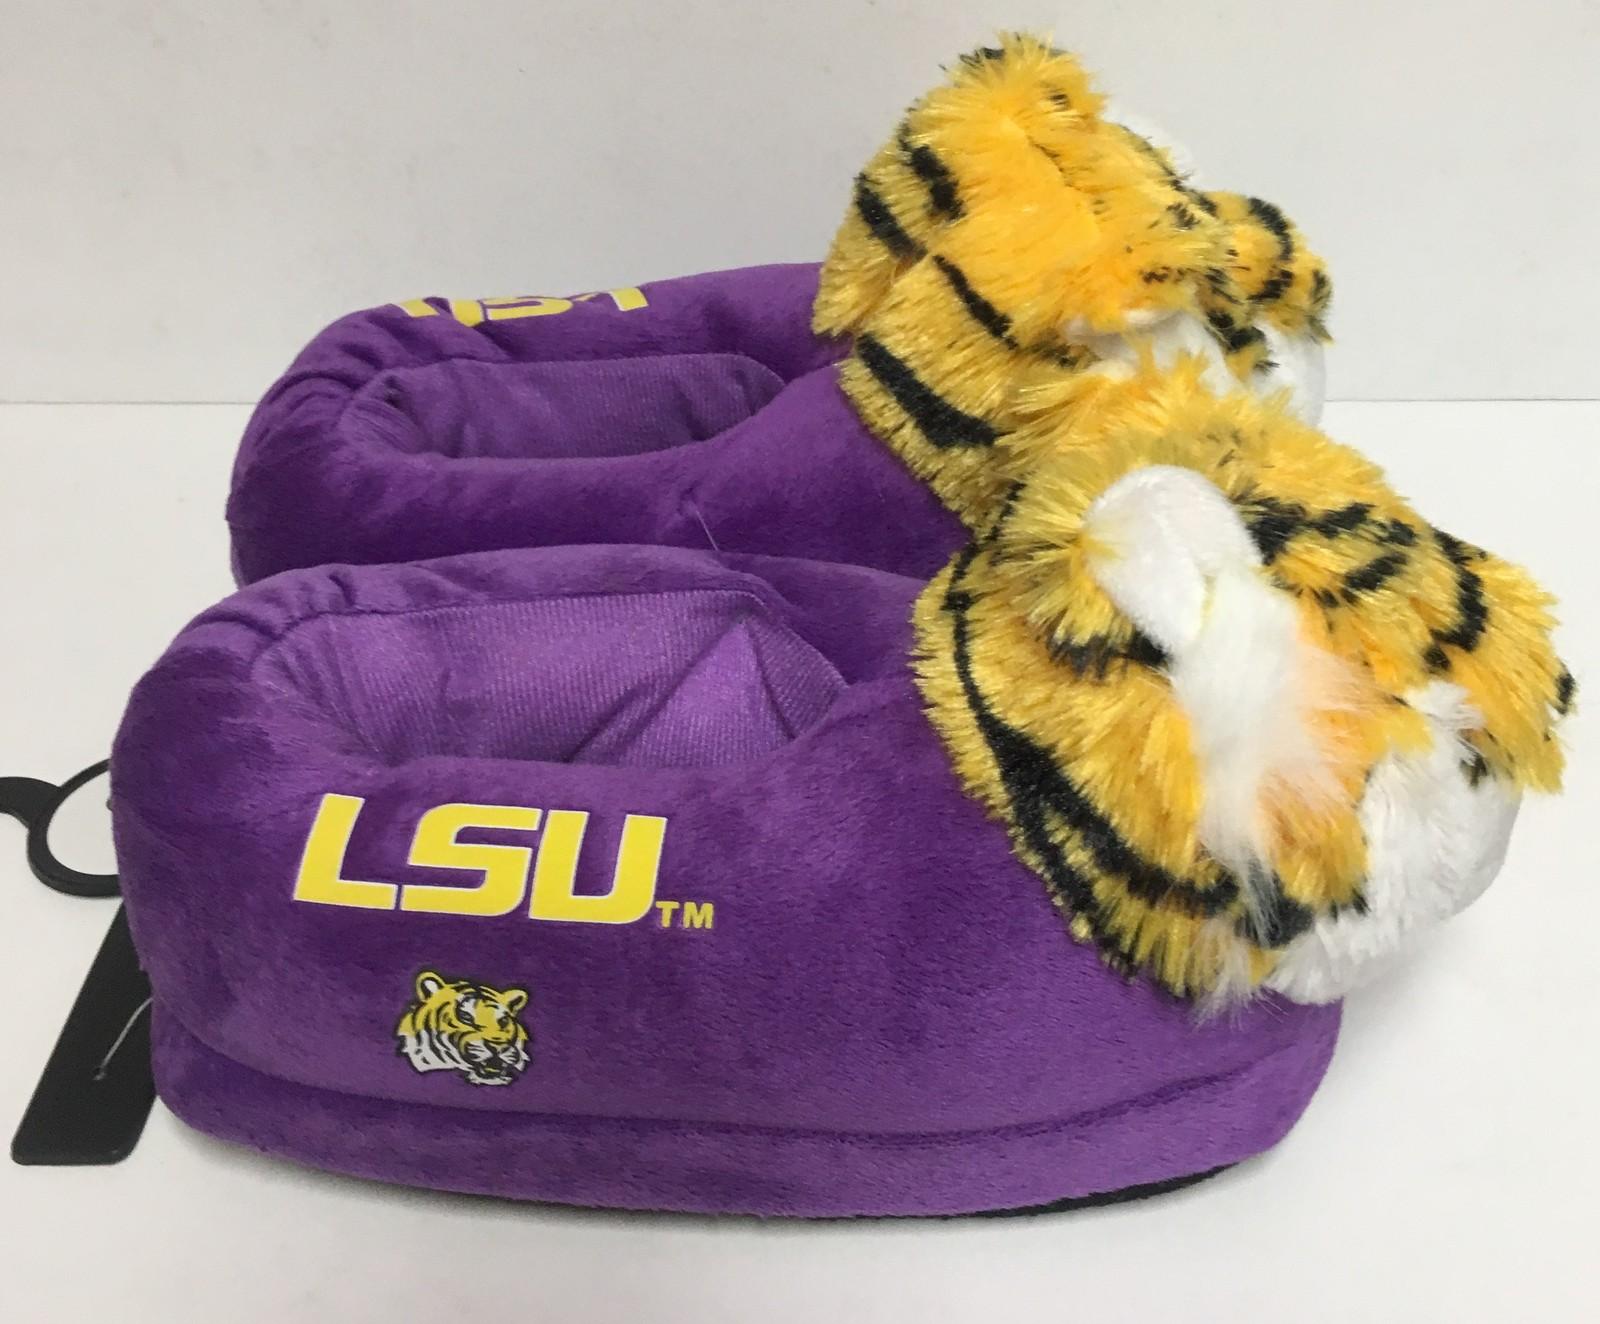 LSU Louisiana State University Women'a Slippers Many Sizes Purple Tigers image 7